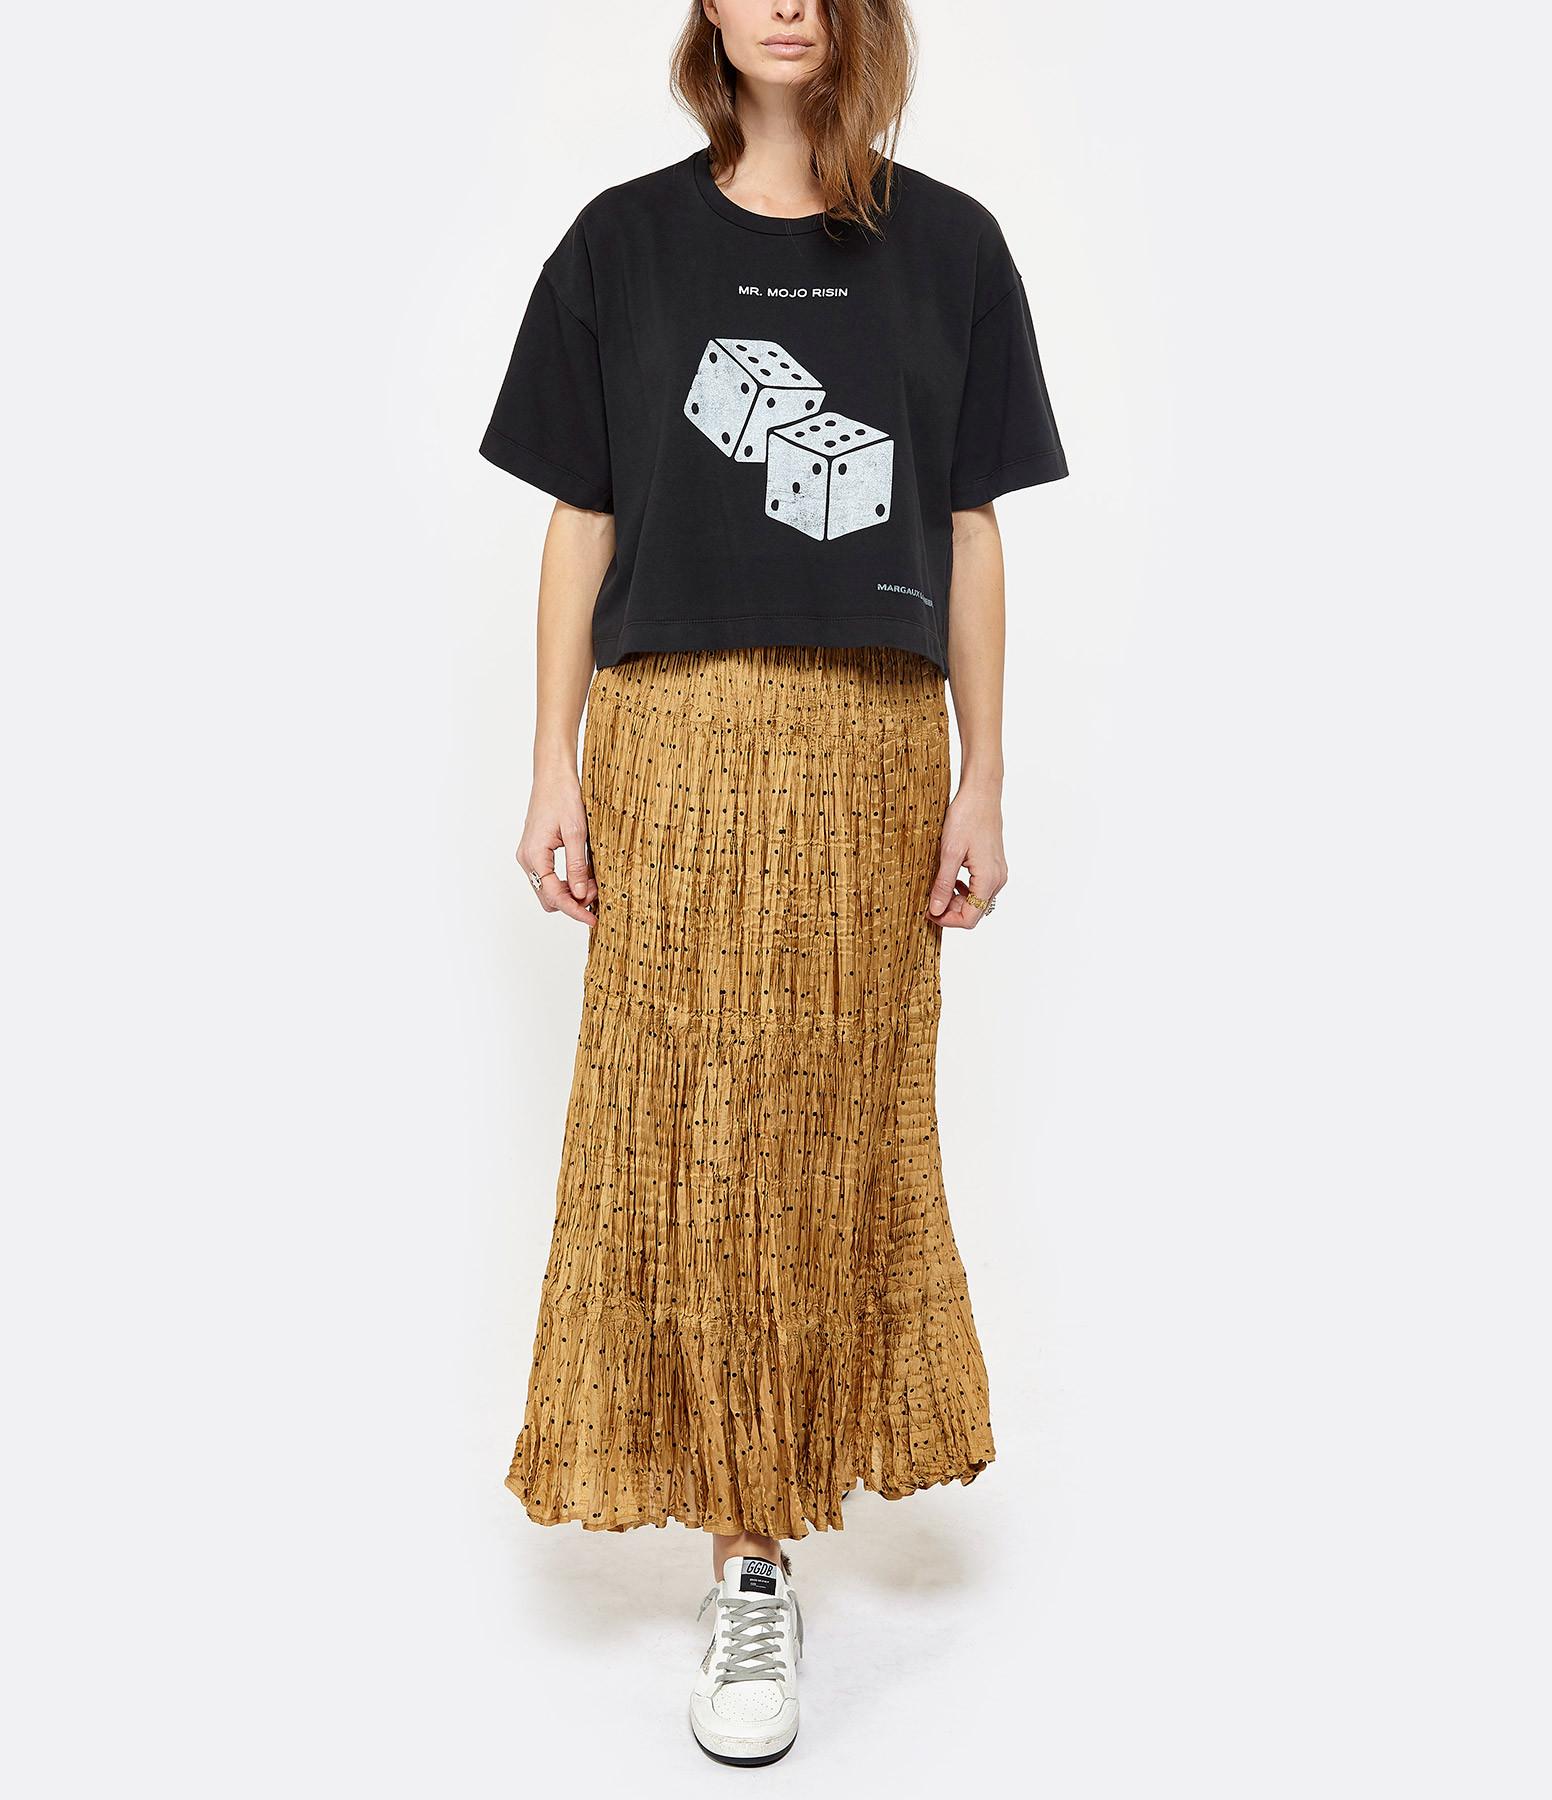 MARGAUX LONNBERG - Tee-shirt Brisa Mojo Imprimé Noir Délavé